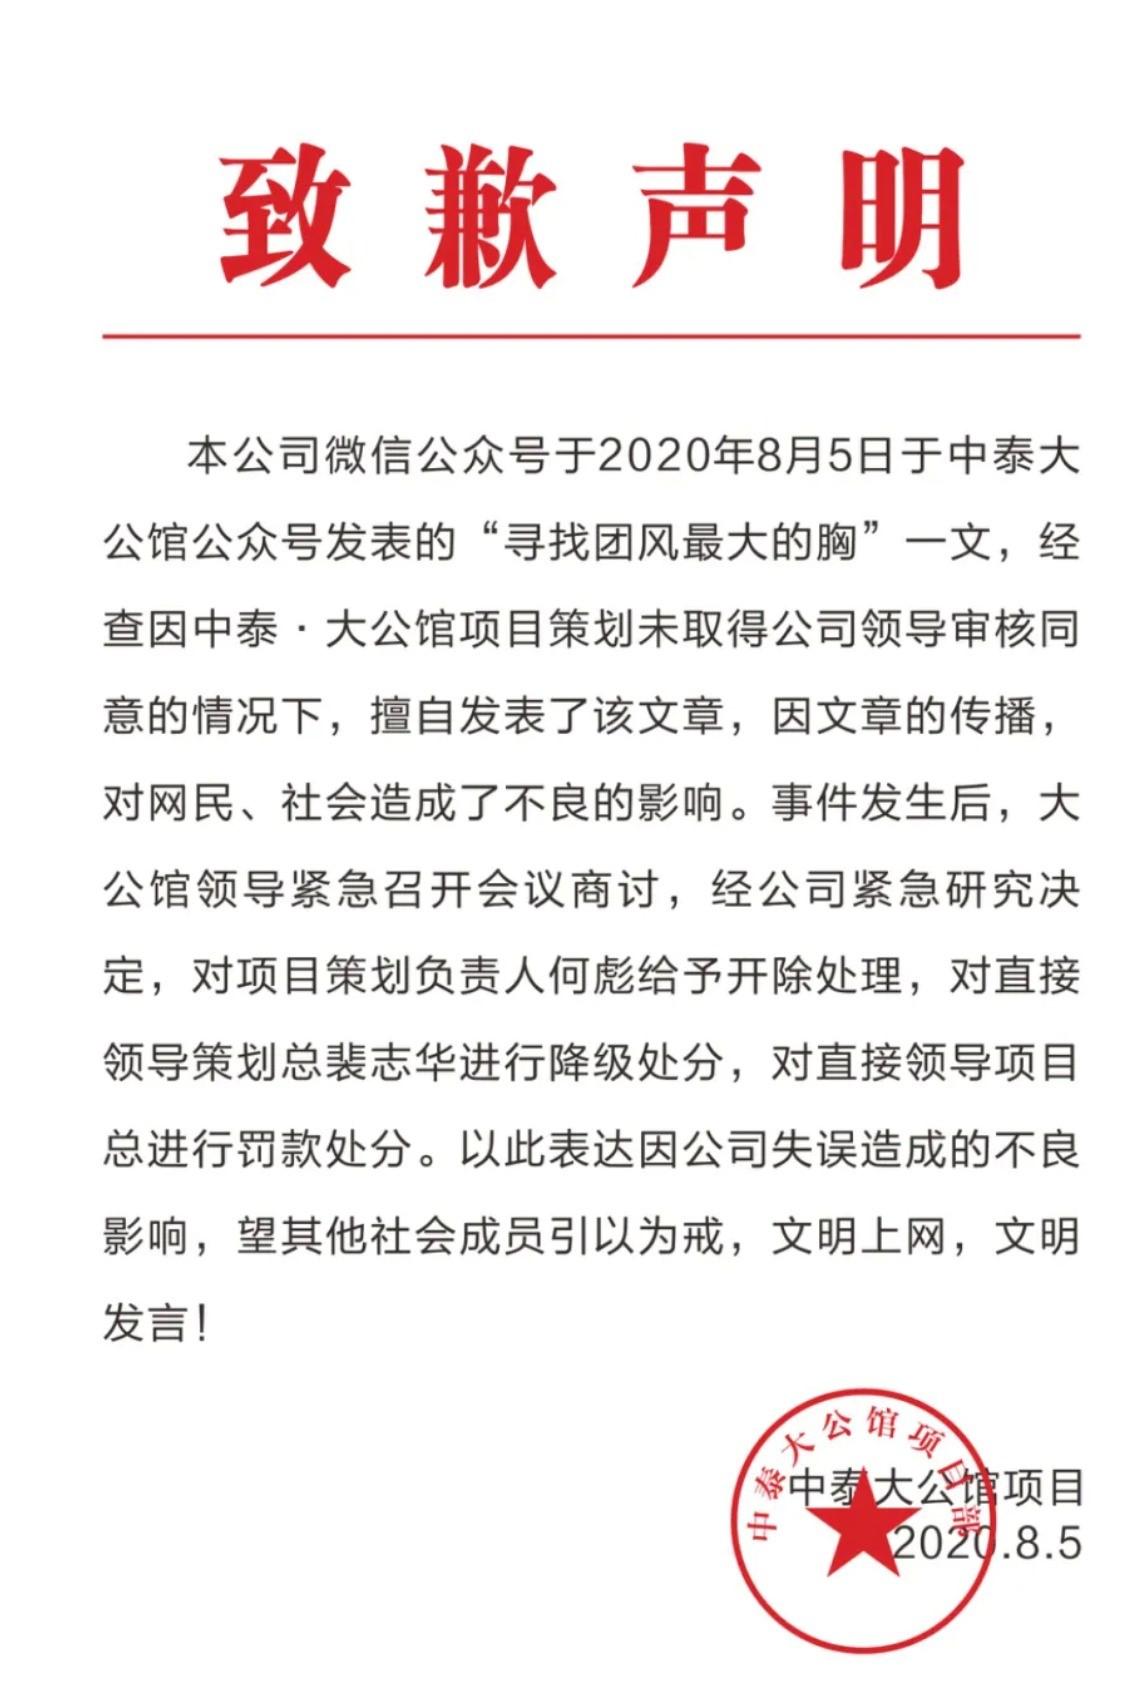 【武则天野史】_湖北一房企发布涉嫌低俗宣传文案,回应:开除项目策划负责人